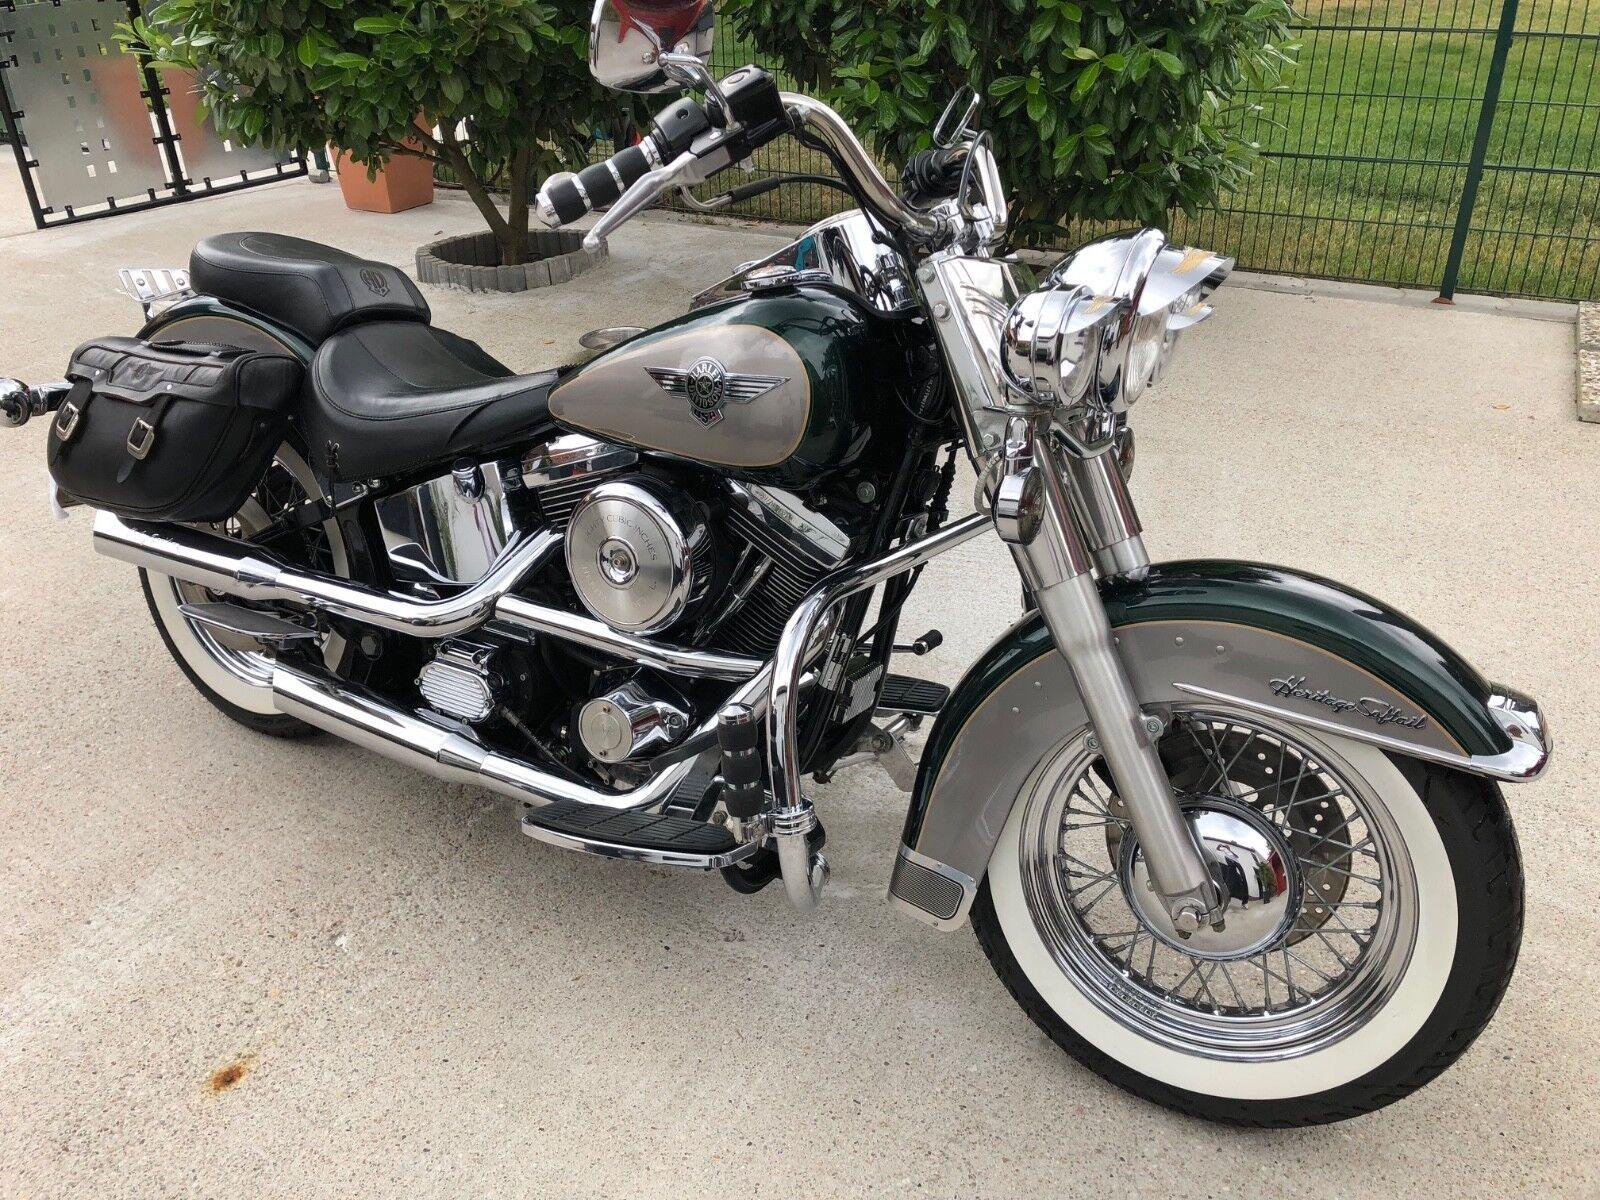 Harley-Davidson Softail Heritage Nostalgia Evo 2.Hand Dt. Modell